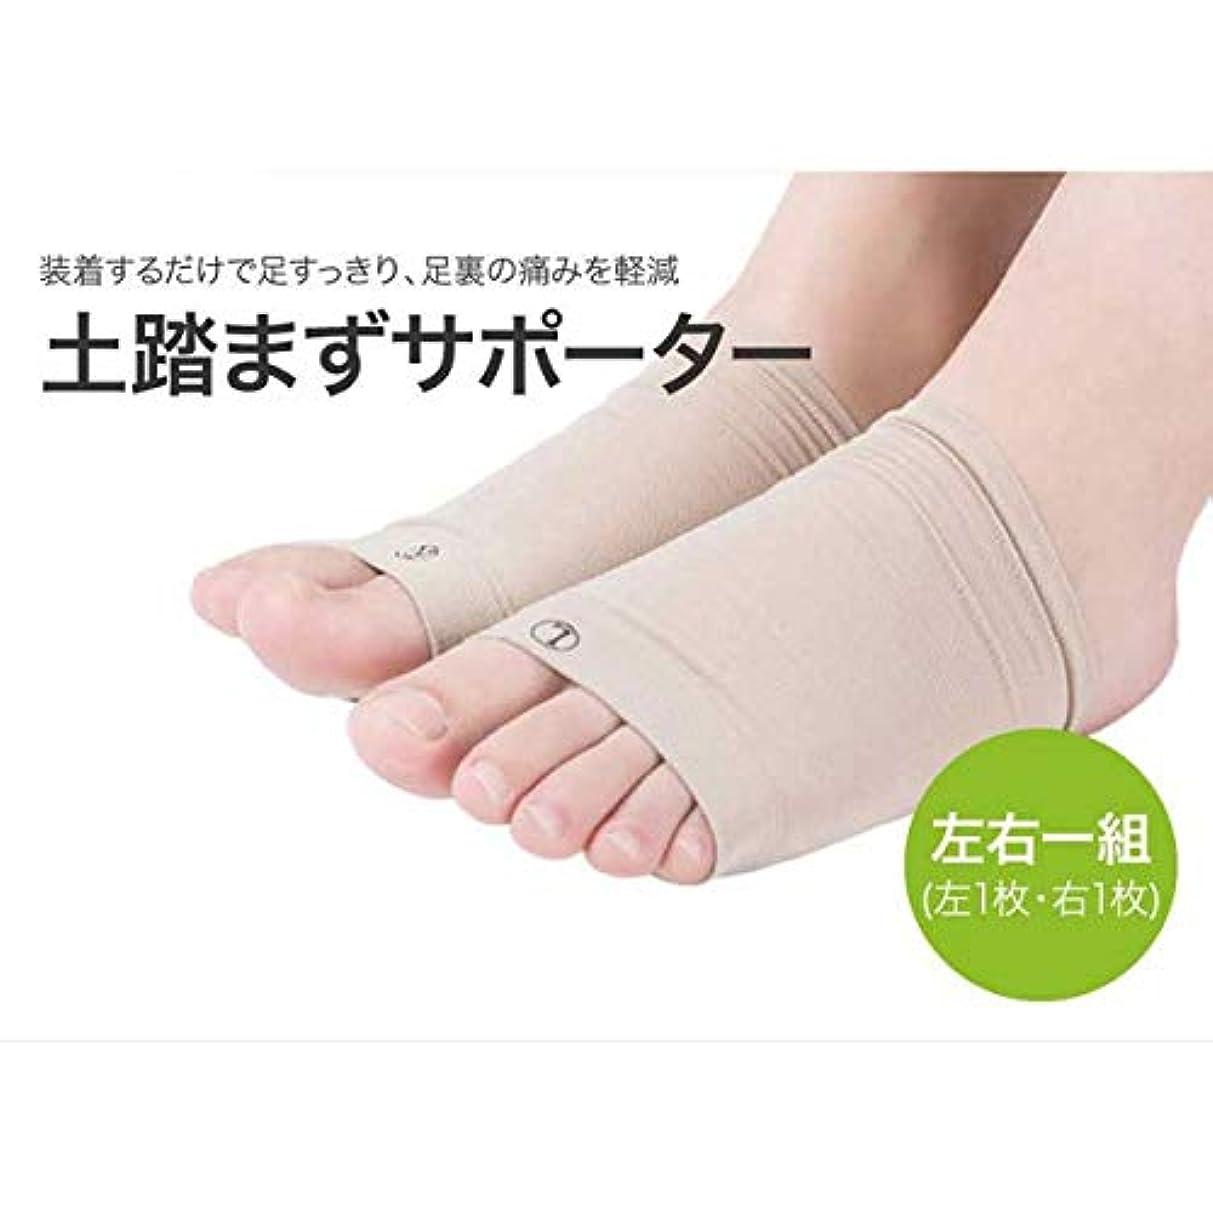 実験オーラル成果土踏まずサポーター 左右1組セット 偏平足 シリコン 足底筋膜炎 足底腱膜炎 痛み だるさ 足底筋膜 足裏 アーチ サポート